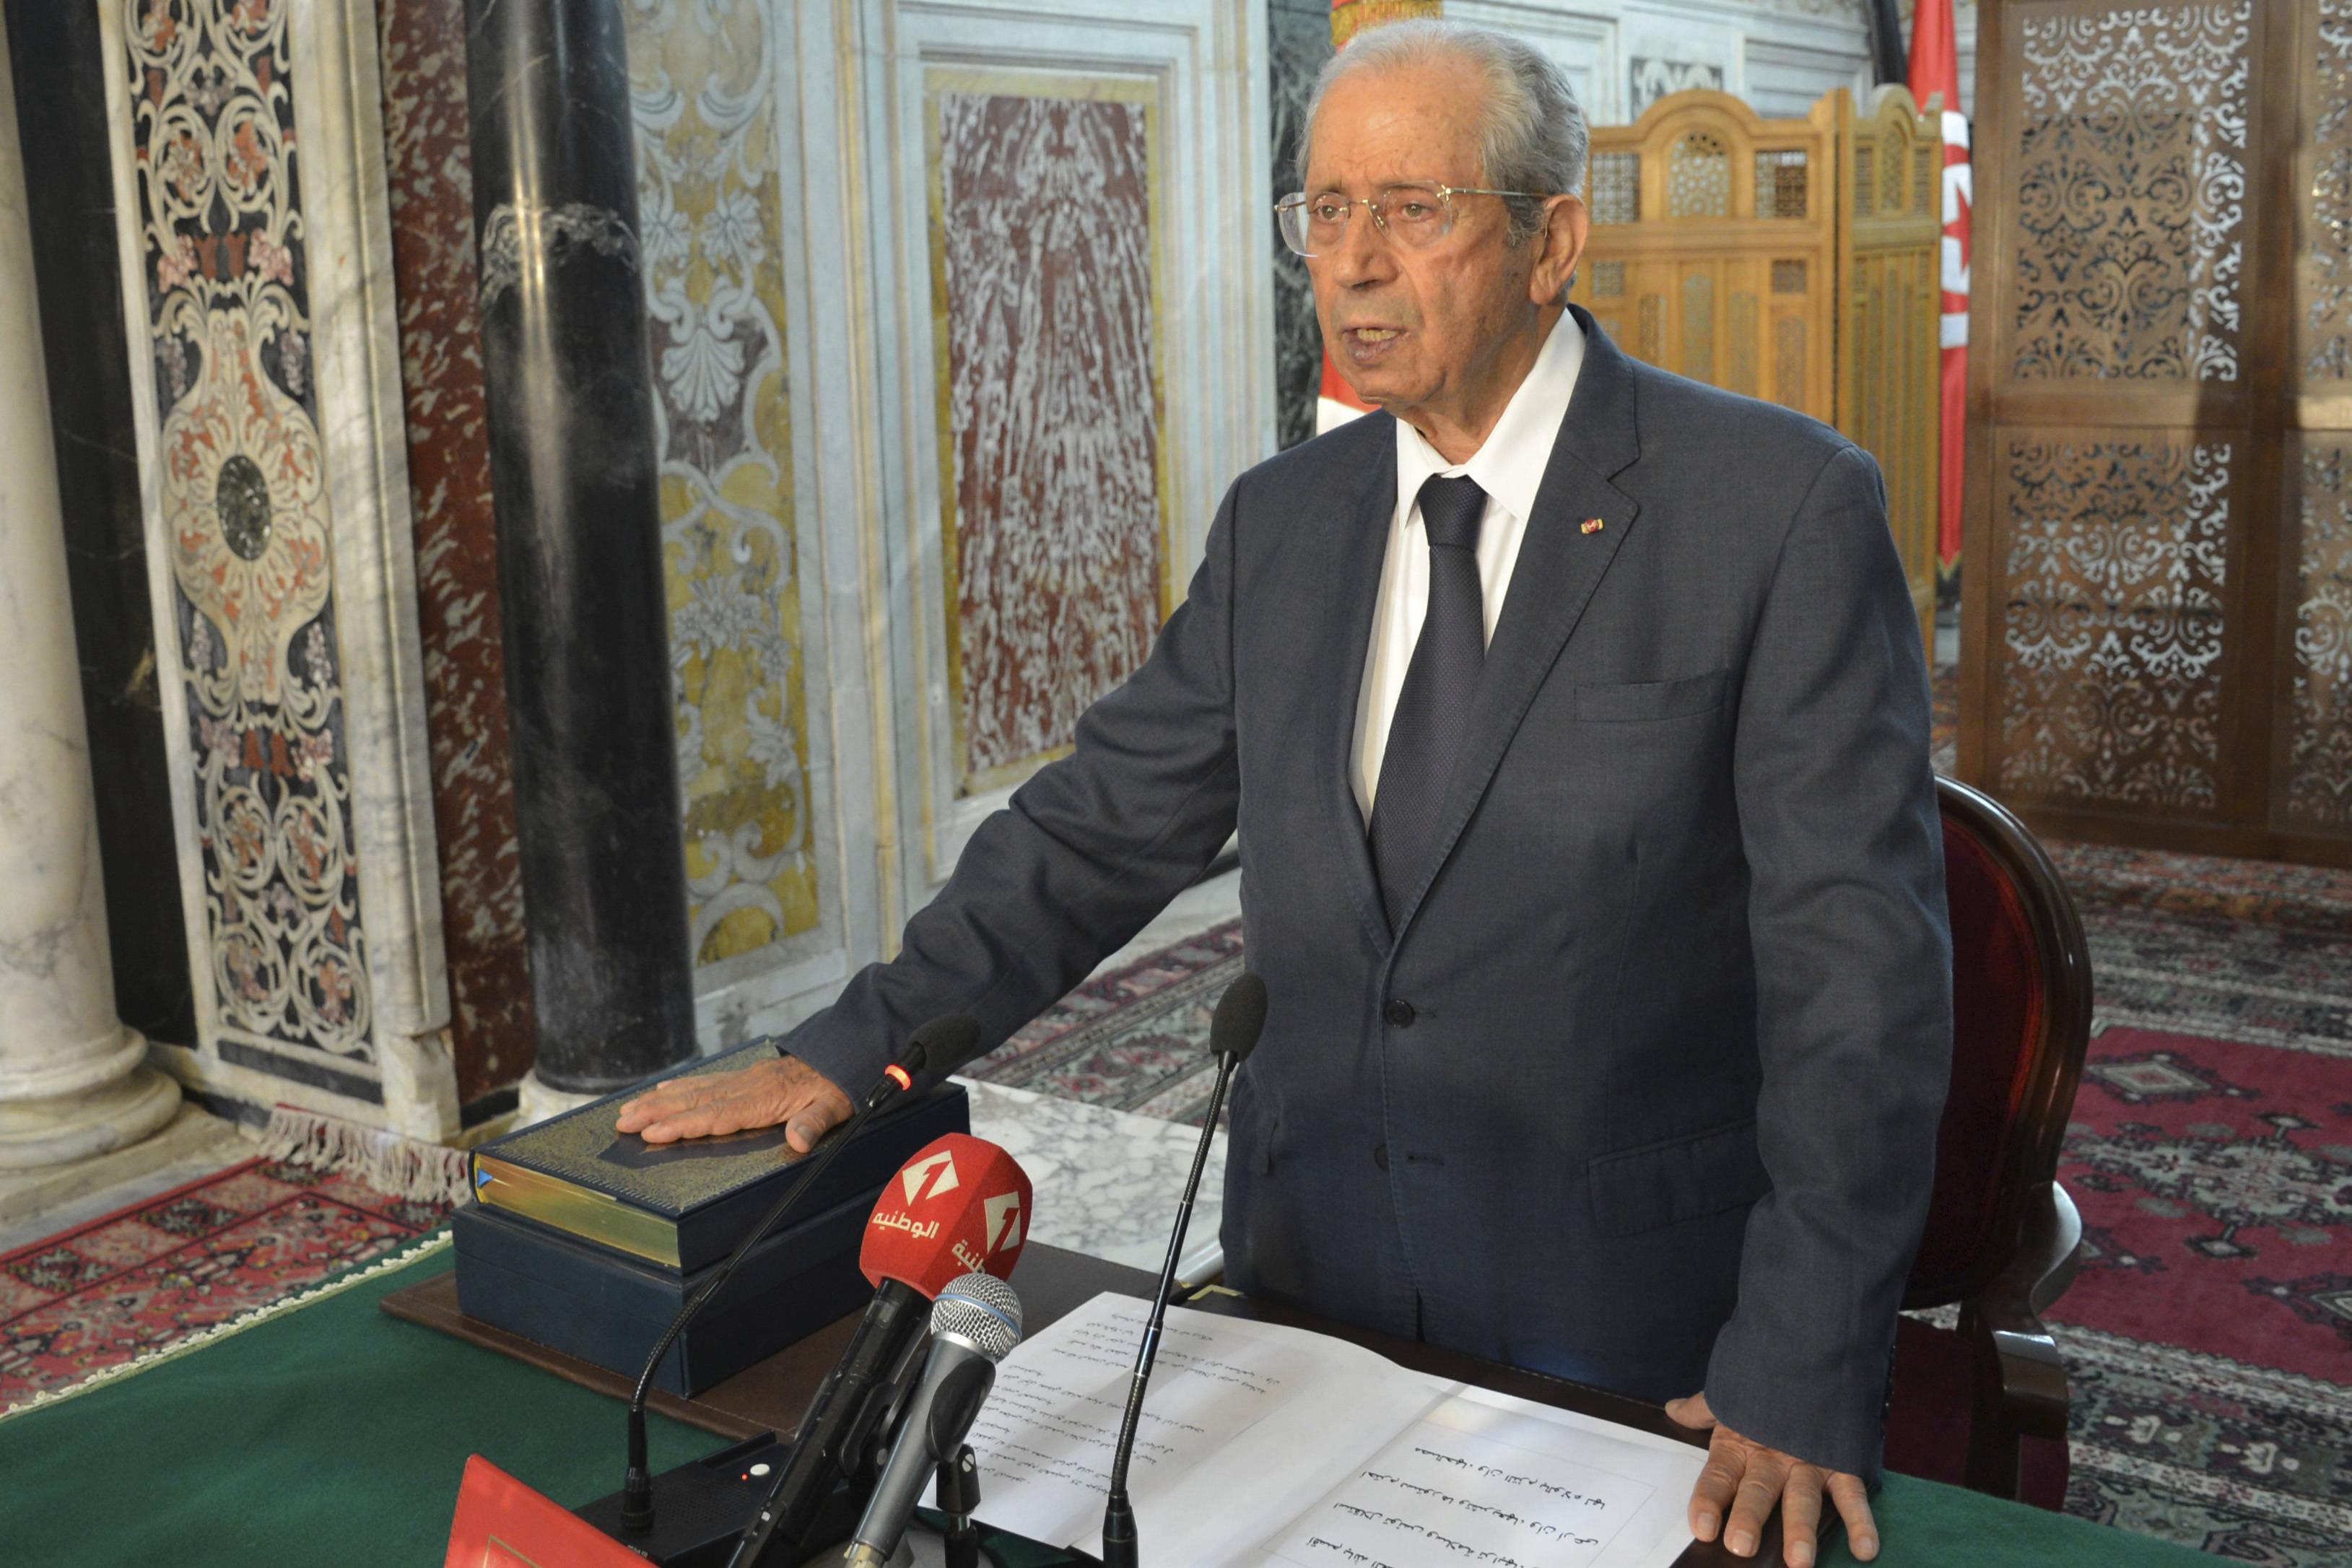 Le président de l'Assemblée tunisienne, Mohamed Ennaceur, prêtant serment sur le Coran pour devenir président de la République par intérim, jeudi 25 juillet 2019, après le décès du chef de l'État Béji Caïd Essebsi.